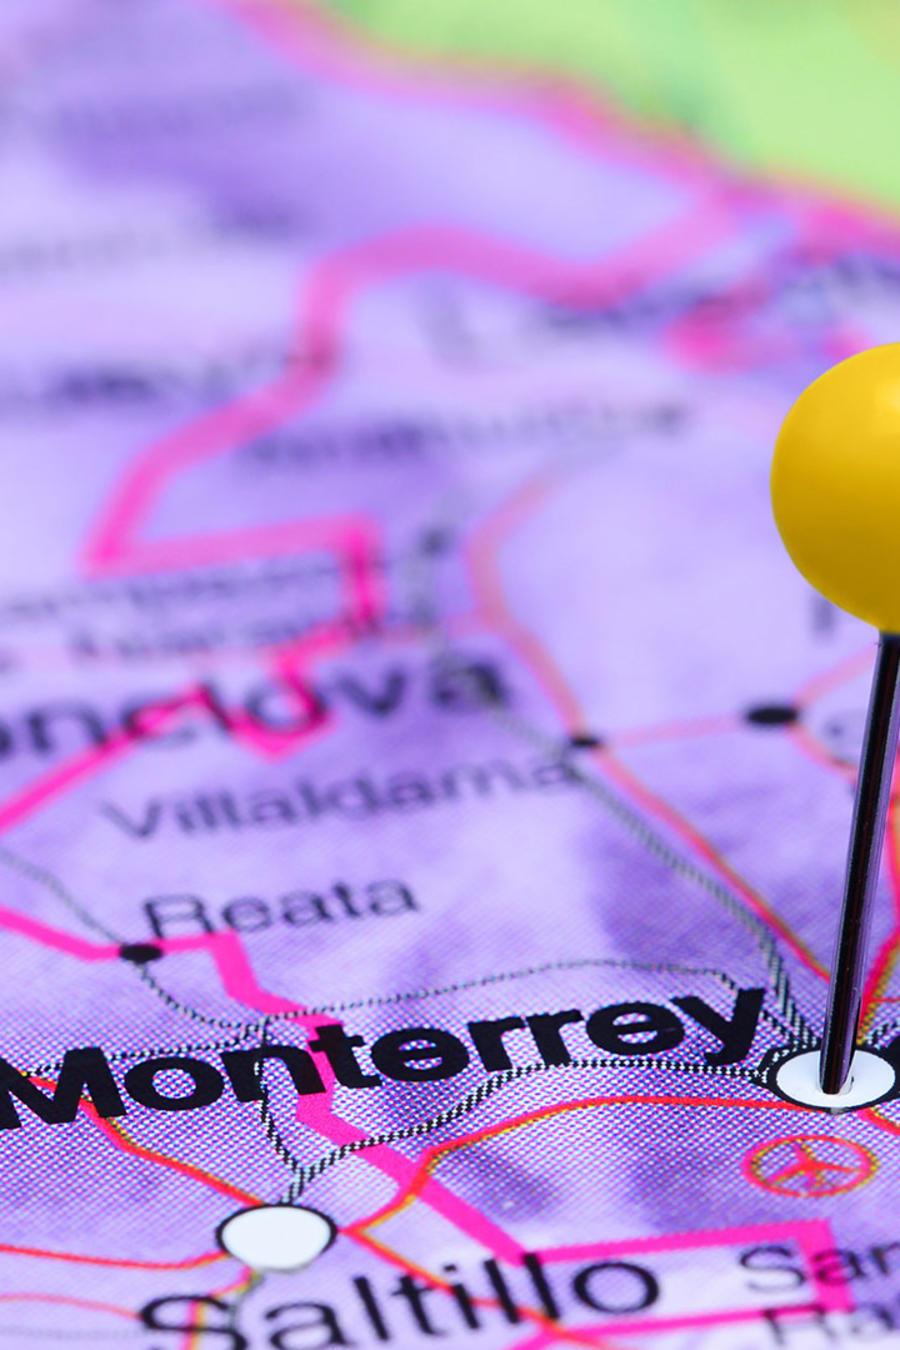 El lado sur de la frontera mexicana cobra valor